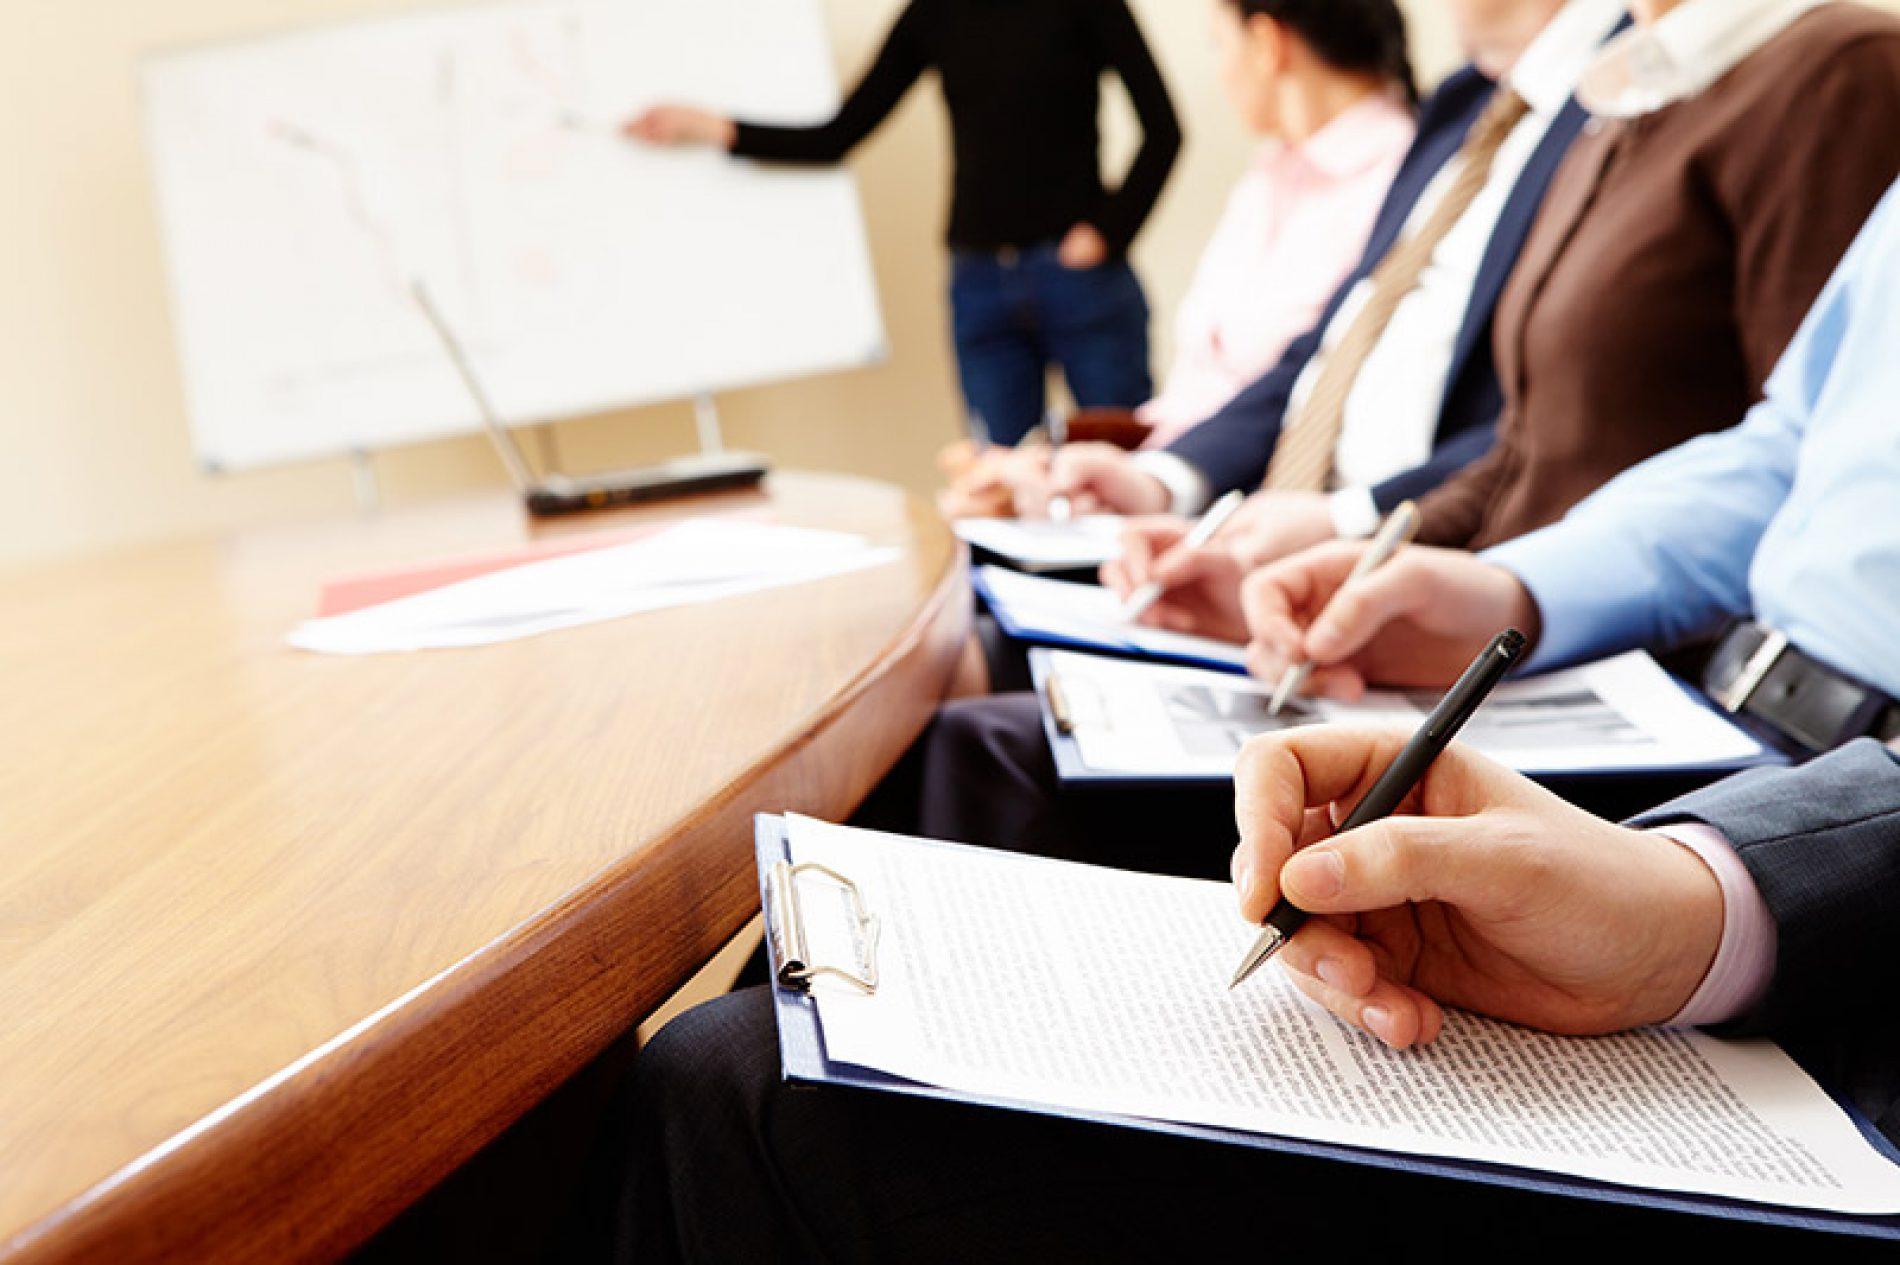 Il vademecum per gli ispettori del lavoro nelle verifiche sulle integrazioni salariali straordinarie [E.Massi]